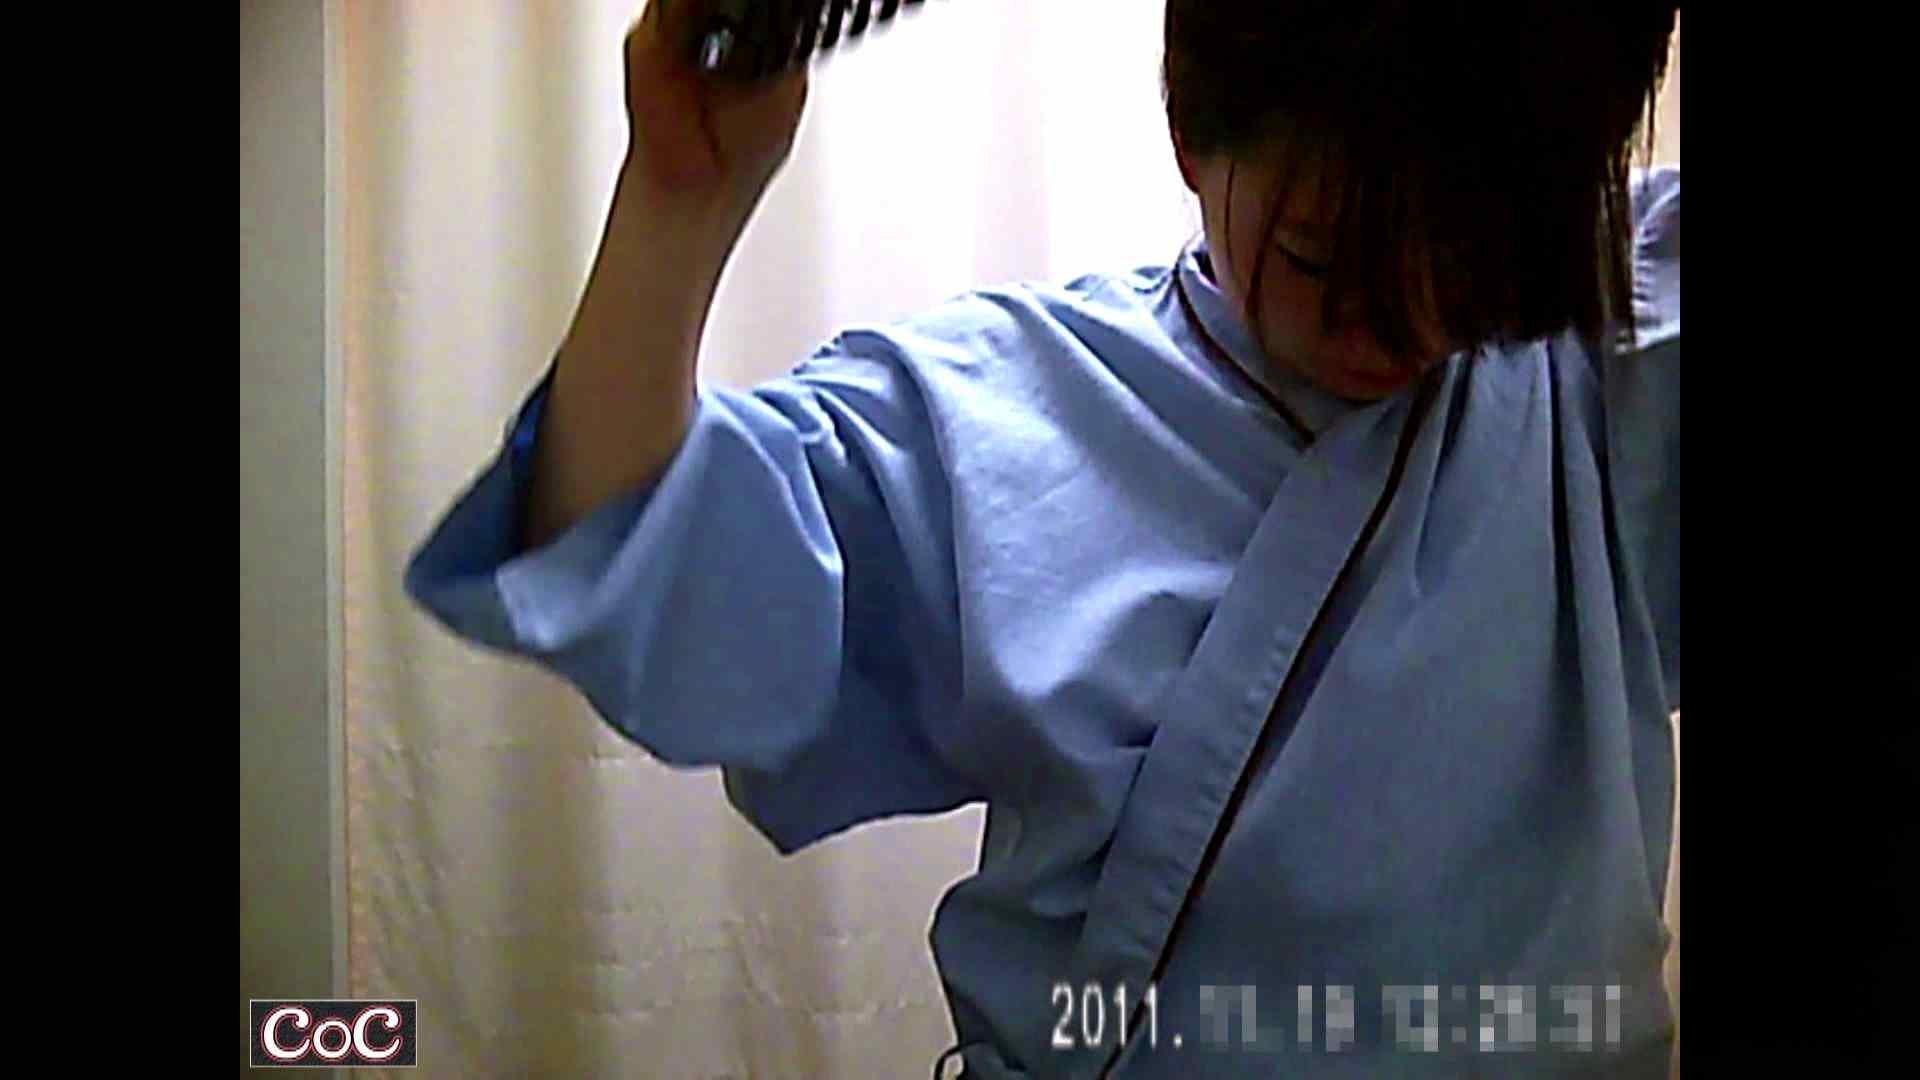 元医者による反抗 更衣室地獄絵巻 vol.198 OLの実態  97pic 58